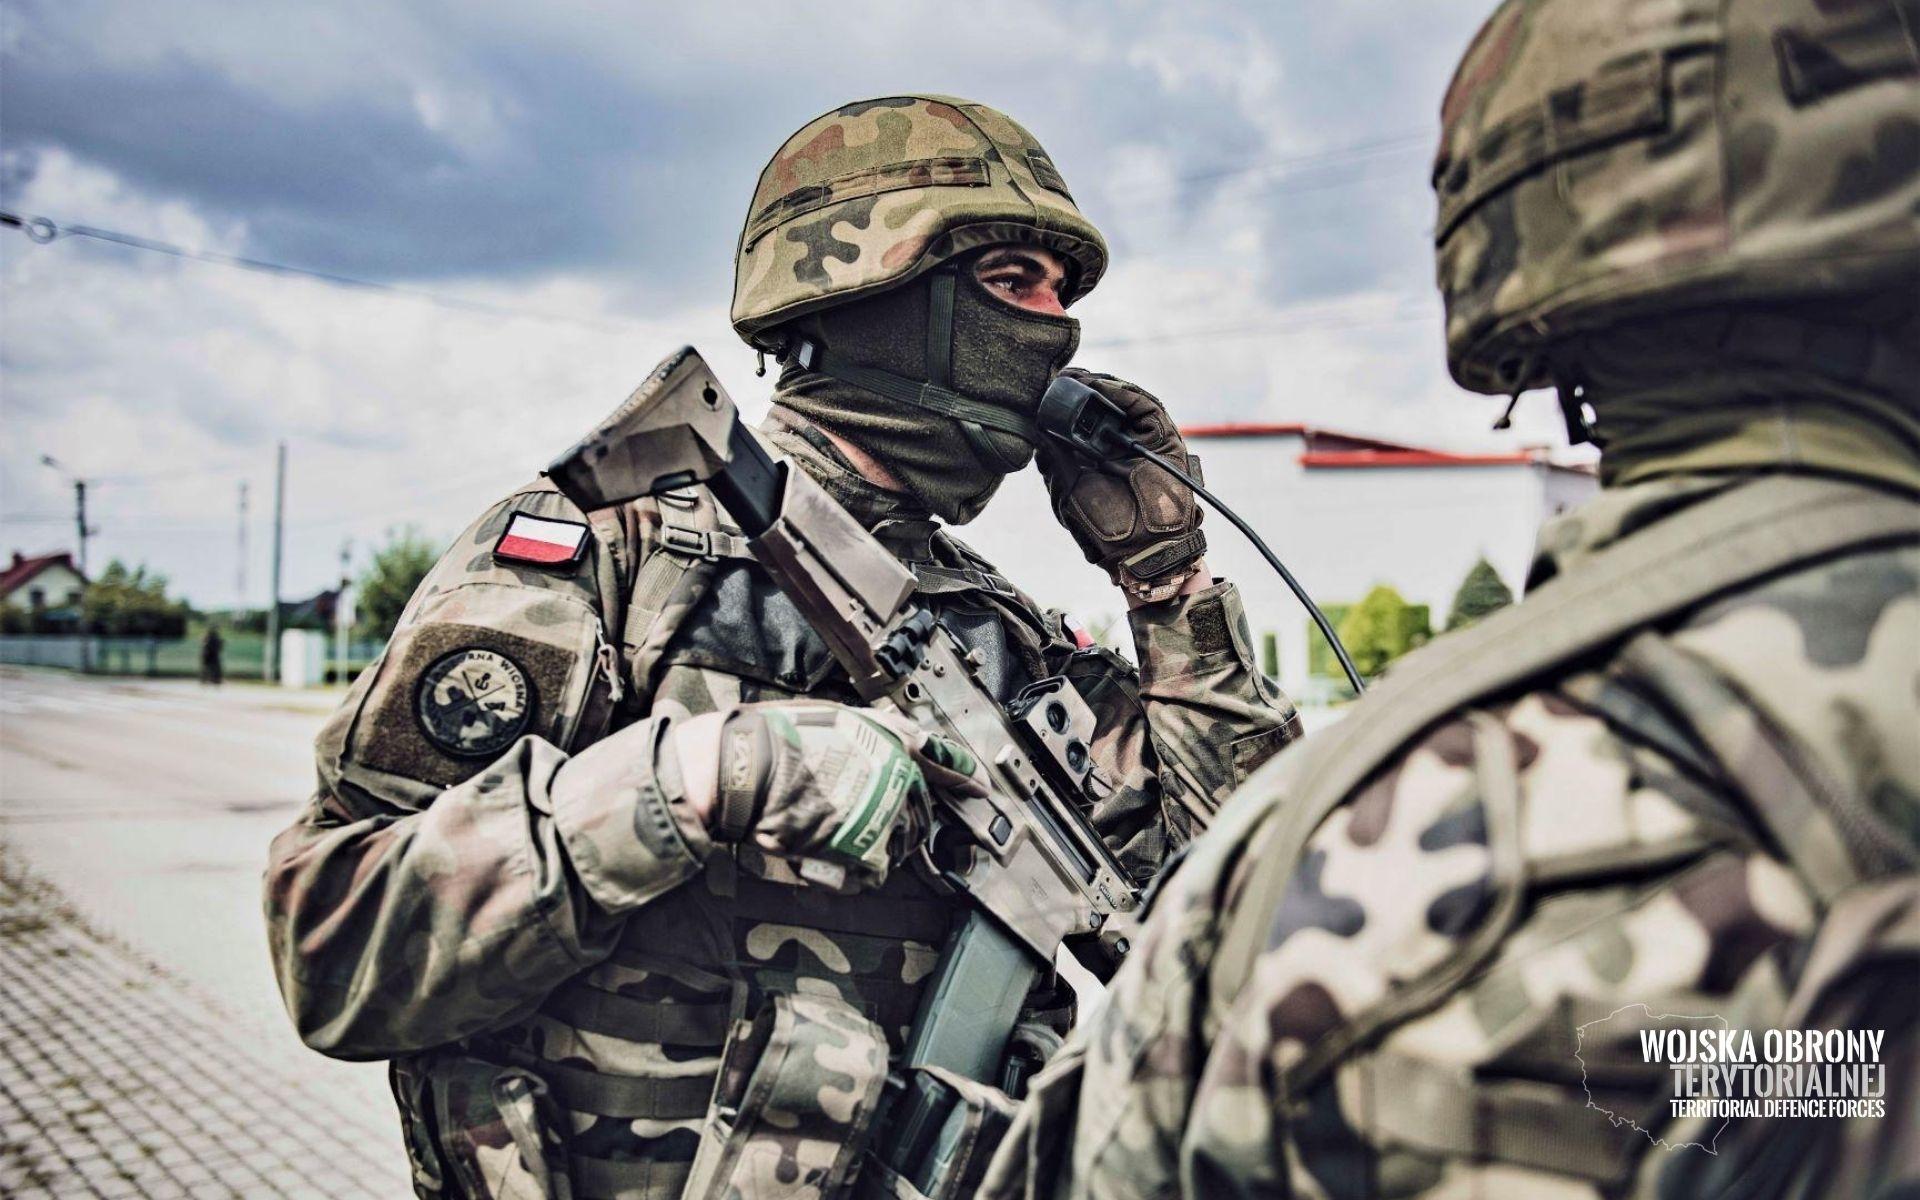 Intensywny szkoleniowy czas dla Terytorialsów z Podkarpacia [FOTO] - Zdjęcie główne